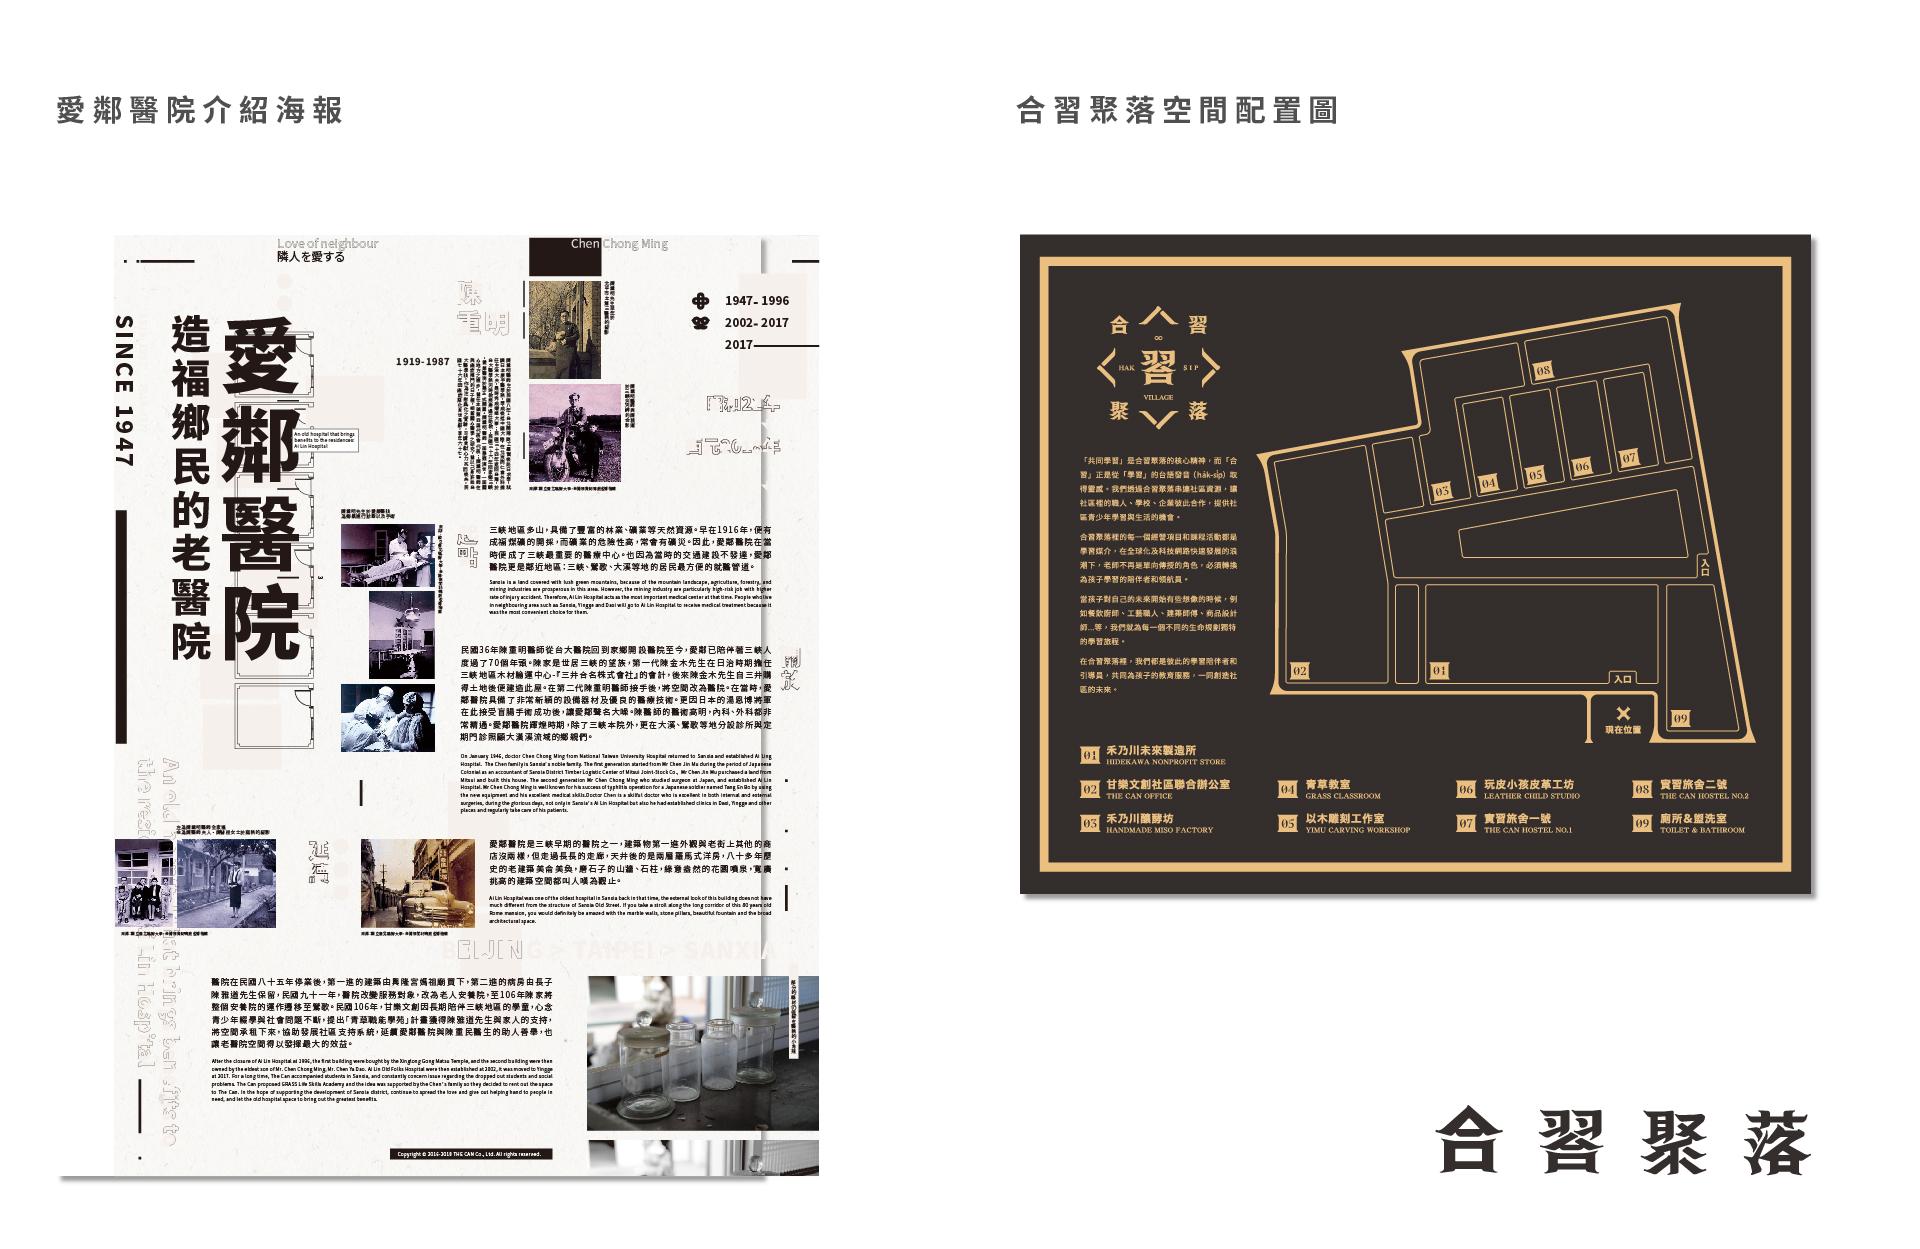 合習聚落創官網-05.jpg